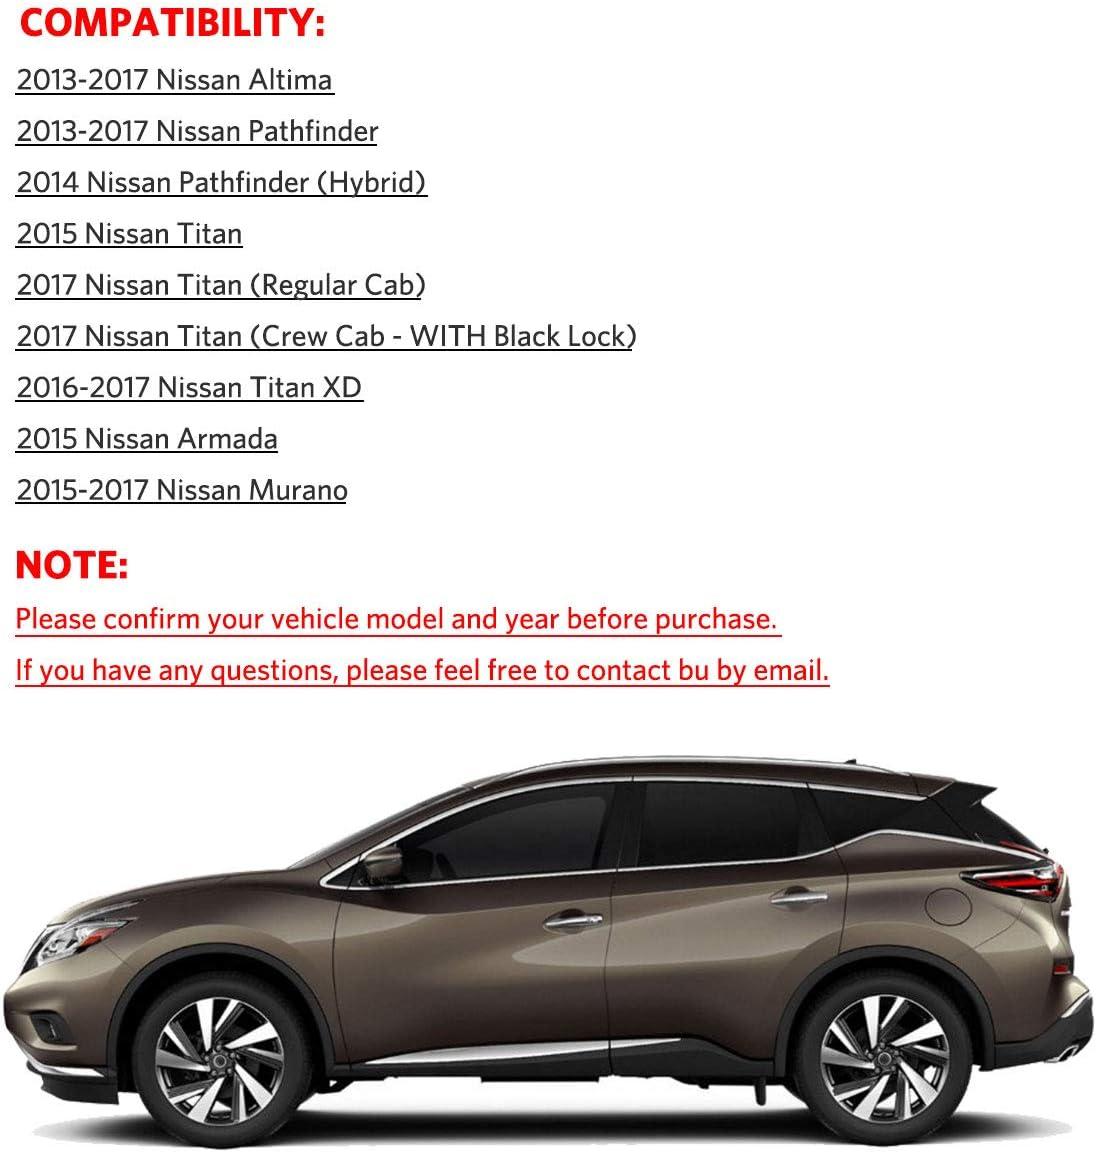 NEW OEM 2013-2017 Nissan Altima Pathfinder Passenger Side Interior Door Handle